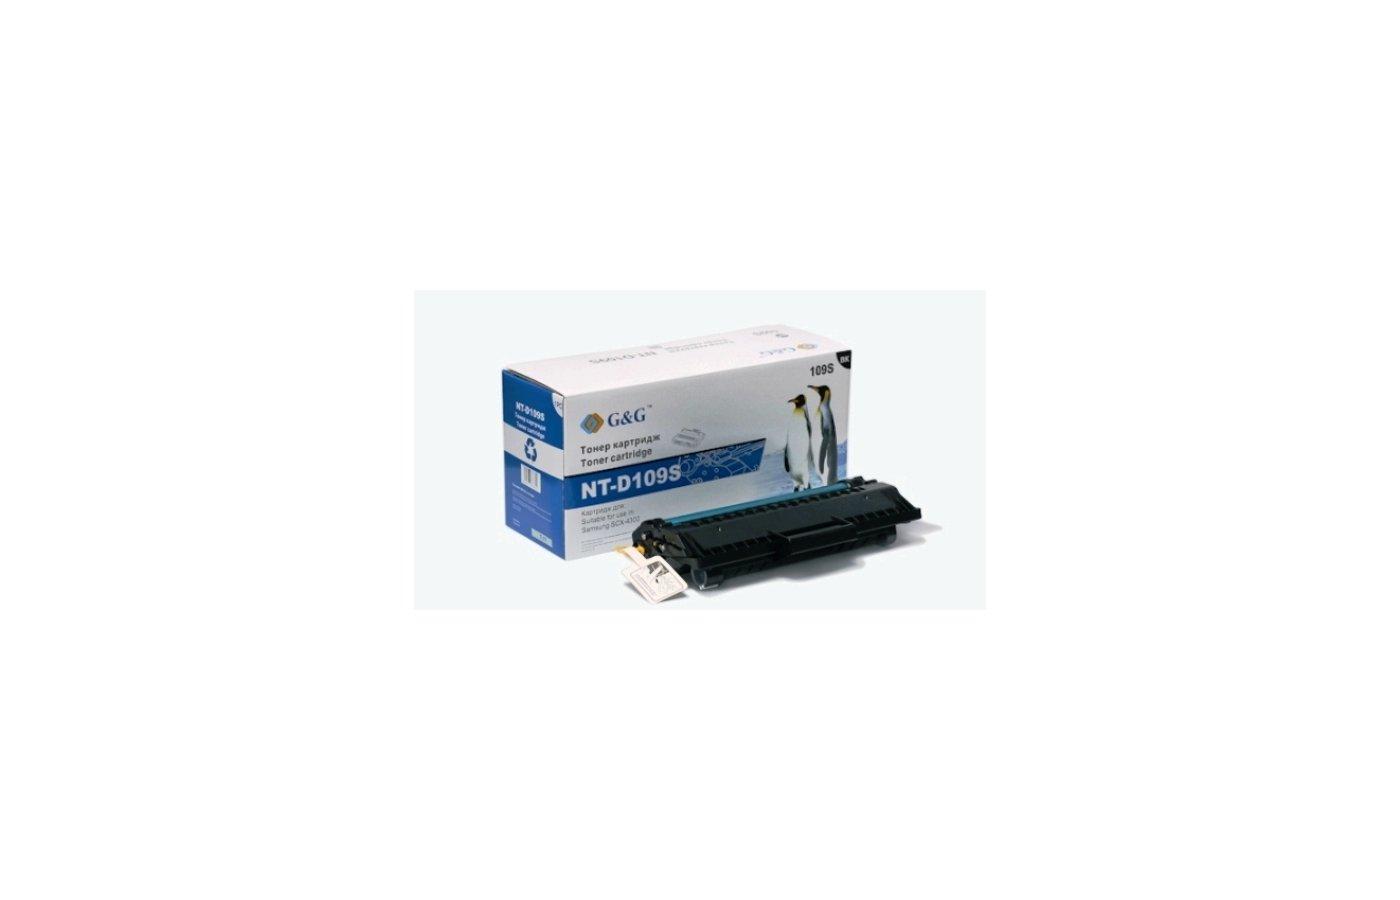 Картридж лазерный GG NT-D109S Совместимый для Samsung SCX-4300 (2000стр)